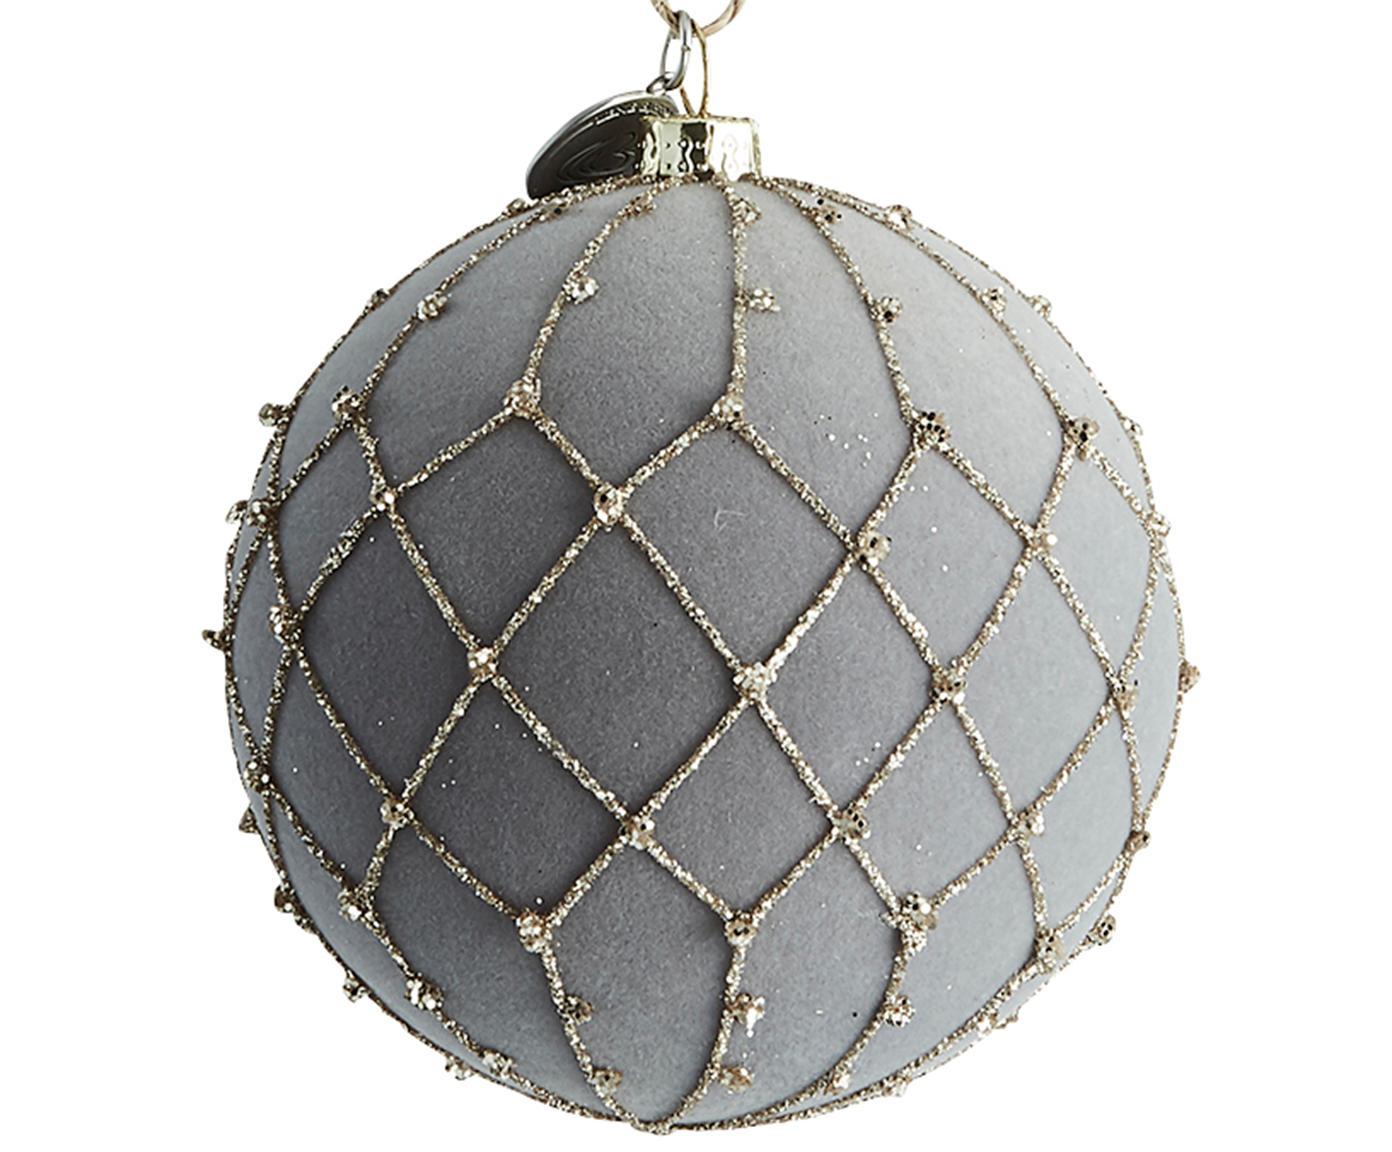 Weihnachtskugel Jalia, Kunststoff, Polyestersamt, Grau, Goldfarben, Ø 8 cm